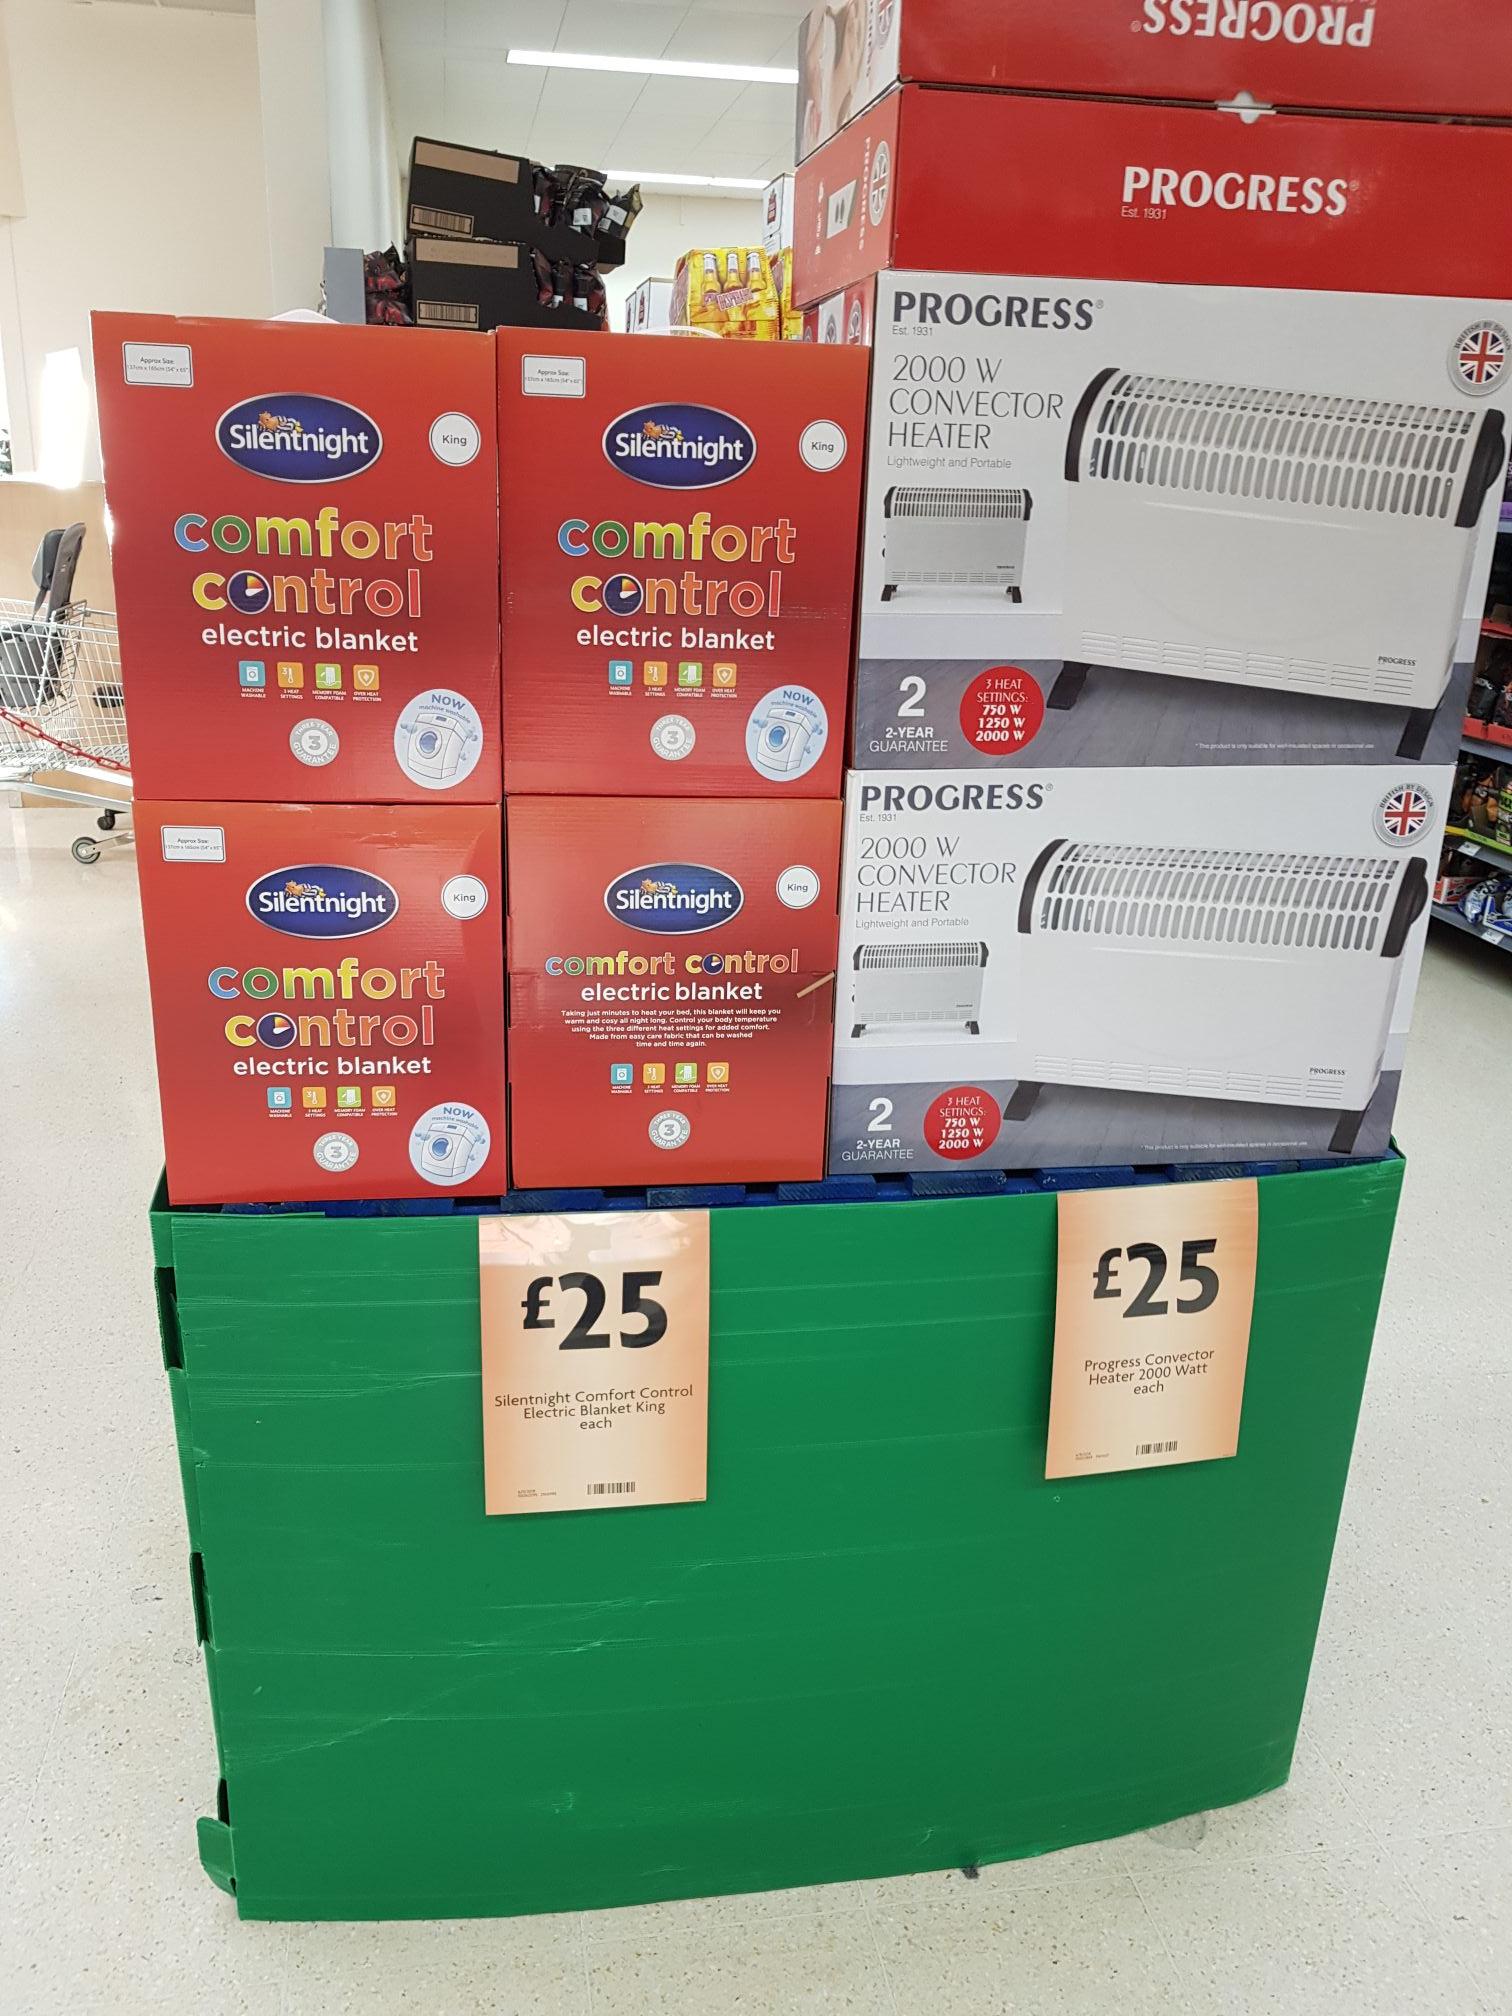 Silentnight comfort control electric blanket King size £25 @ Morrison's